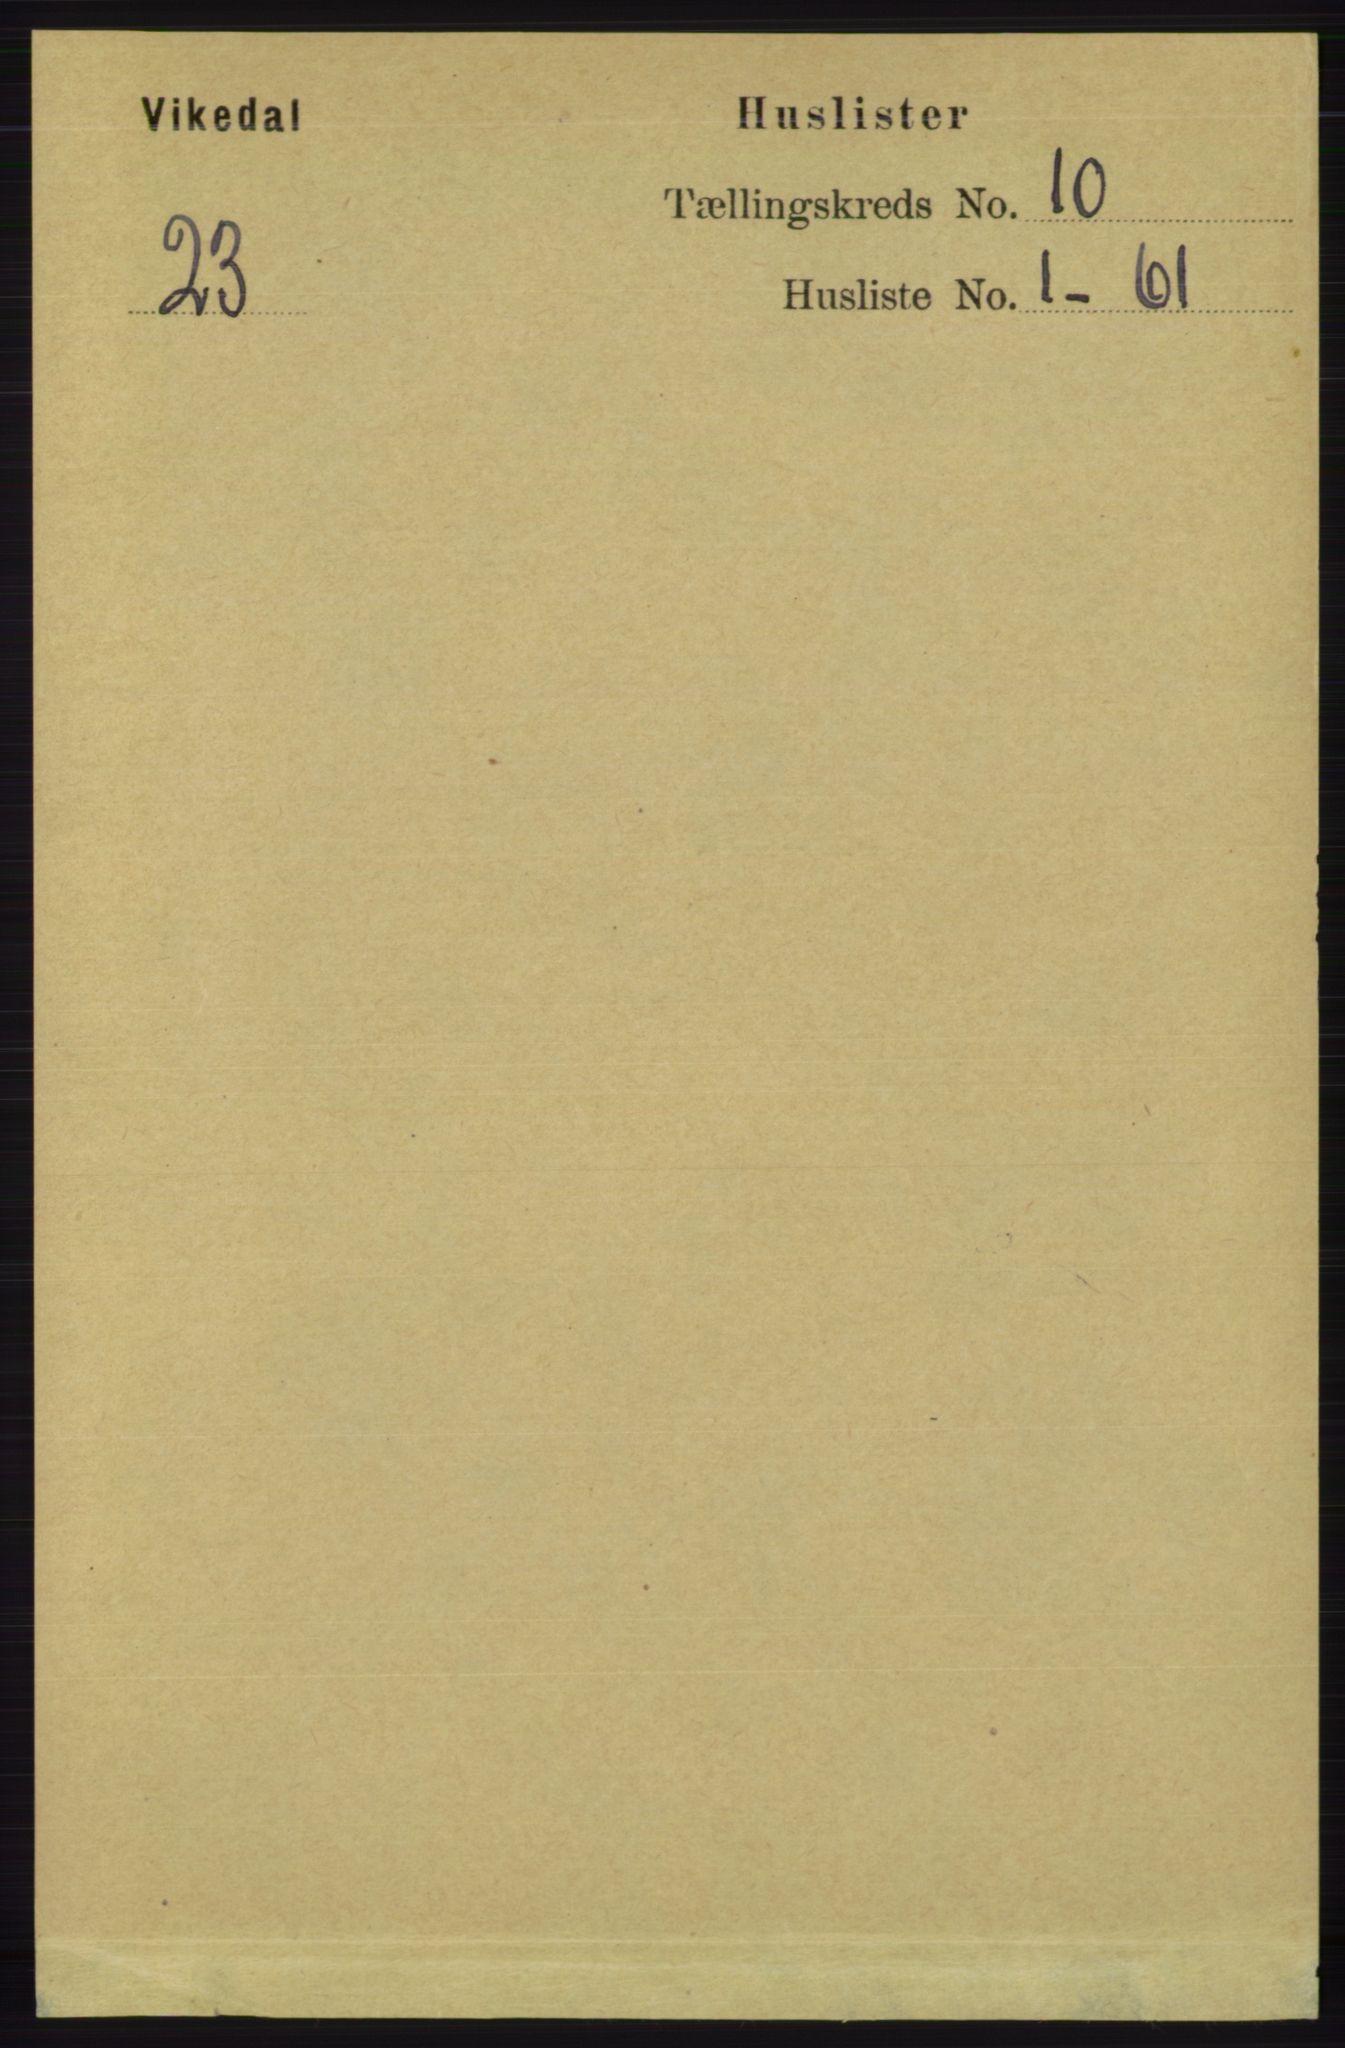 RA, Folketelling 1891 for 1157 Vikedal herred, 1891, s. 2463